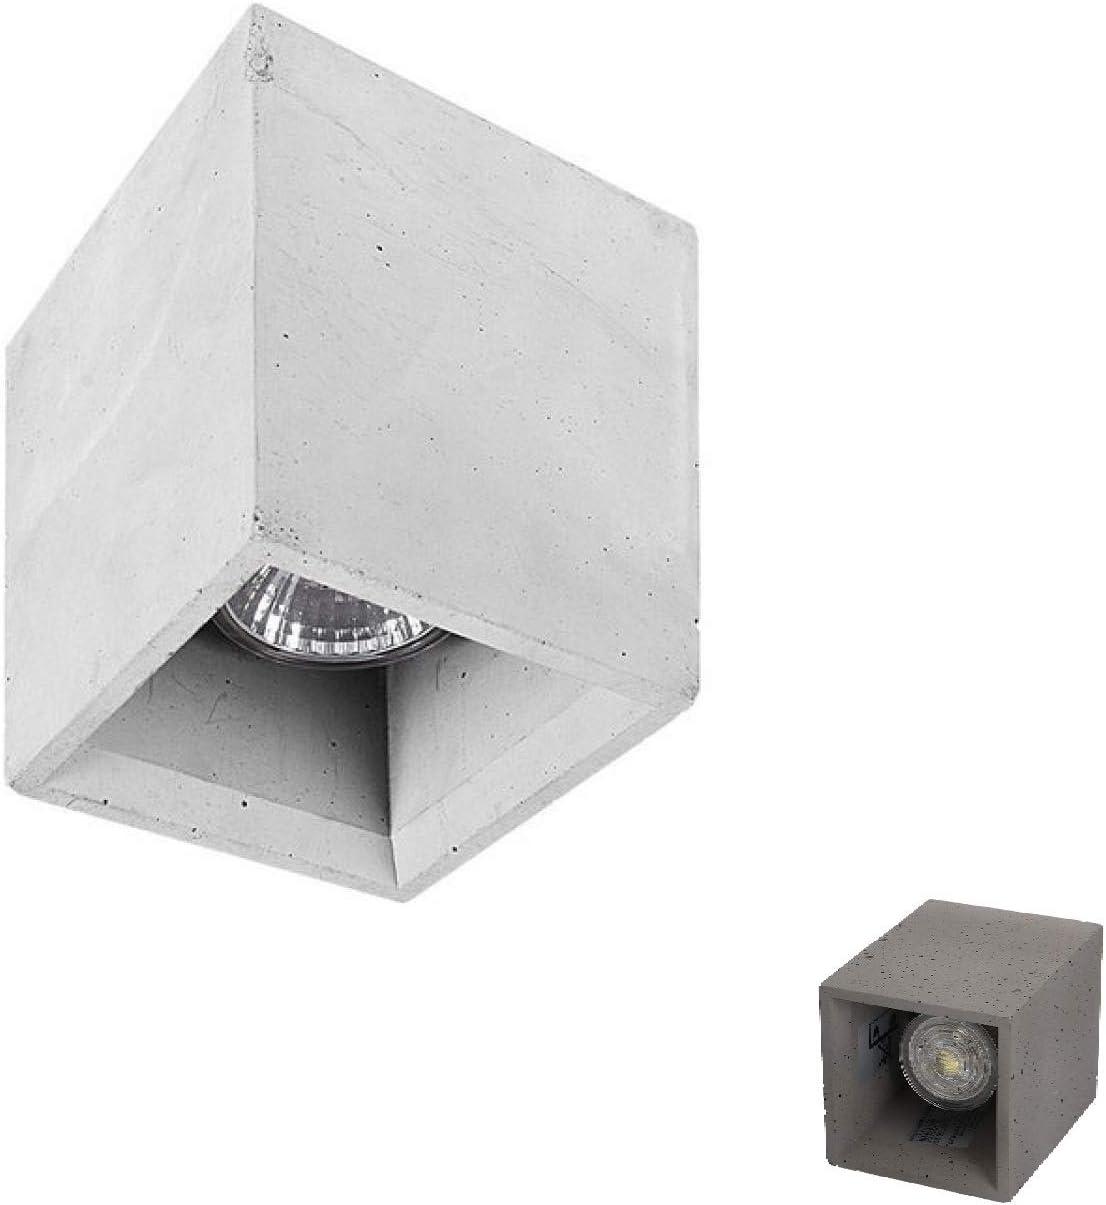 Foco GU10 LED de techo cubo sin empotrar cemento bruto gris para interiores: Amazon.es: Iluminación